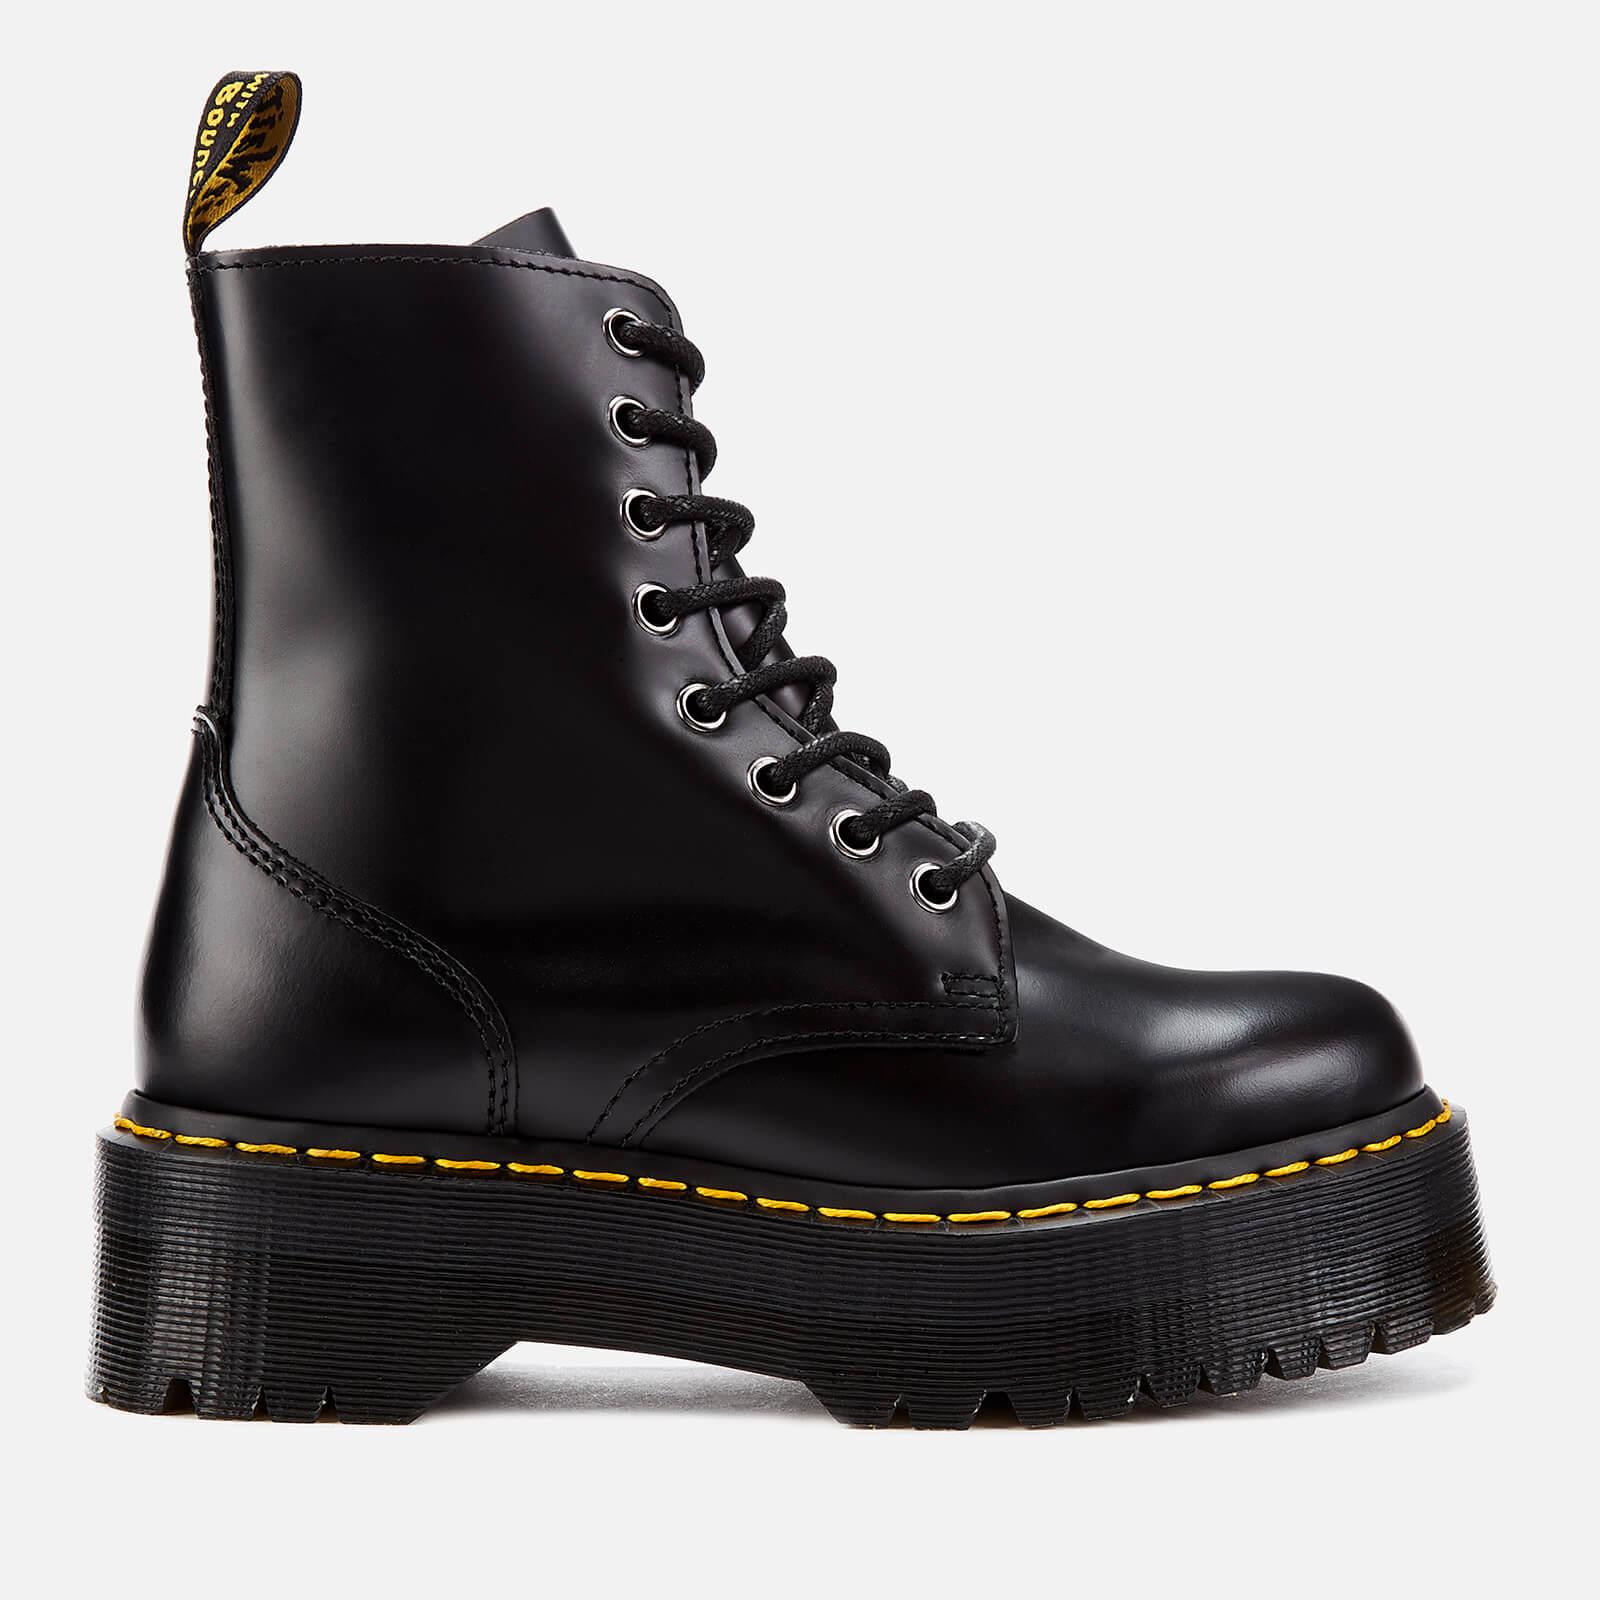 Dr. Martens Women's Jadon Polished Smooth Leather 8-Eye Boots - Black - UK 6 - Black